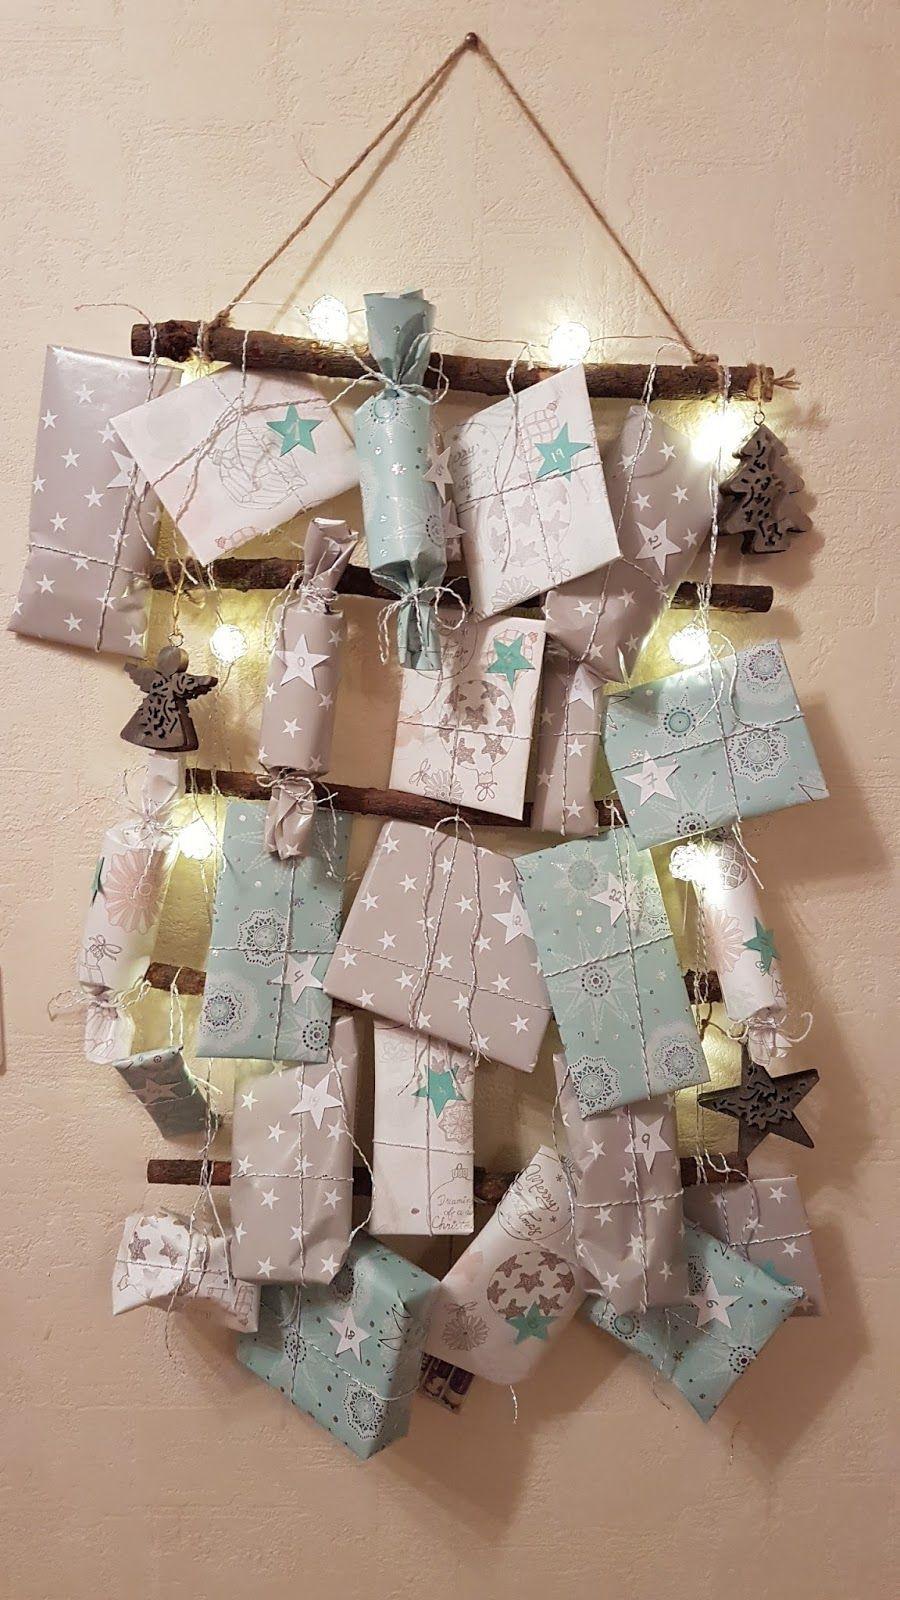 Geschenke Adventskalender  DIY Weihnachten Adventskalender selbstgemacht basteln